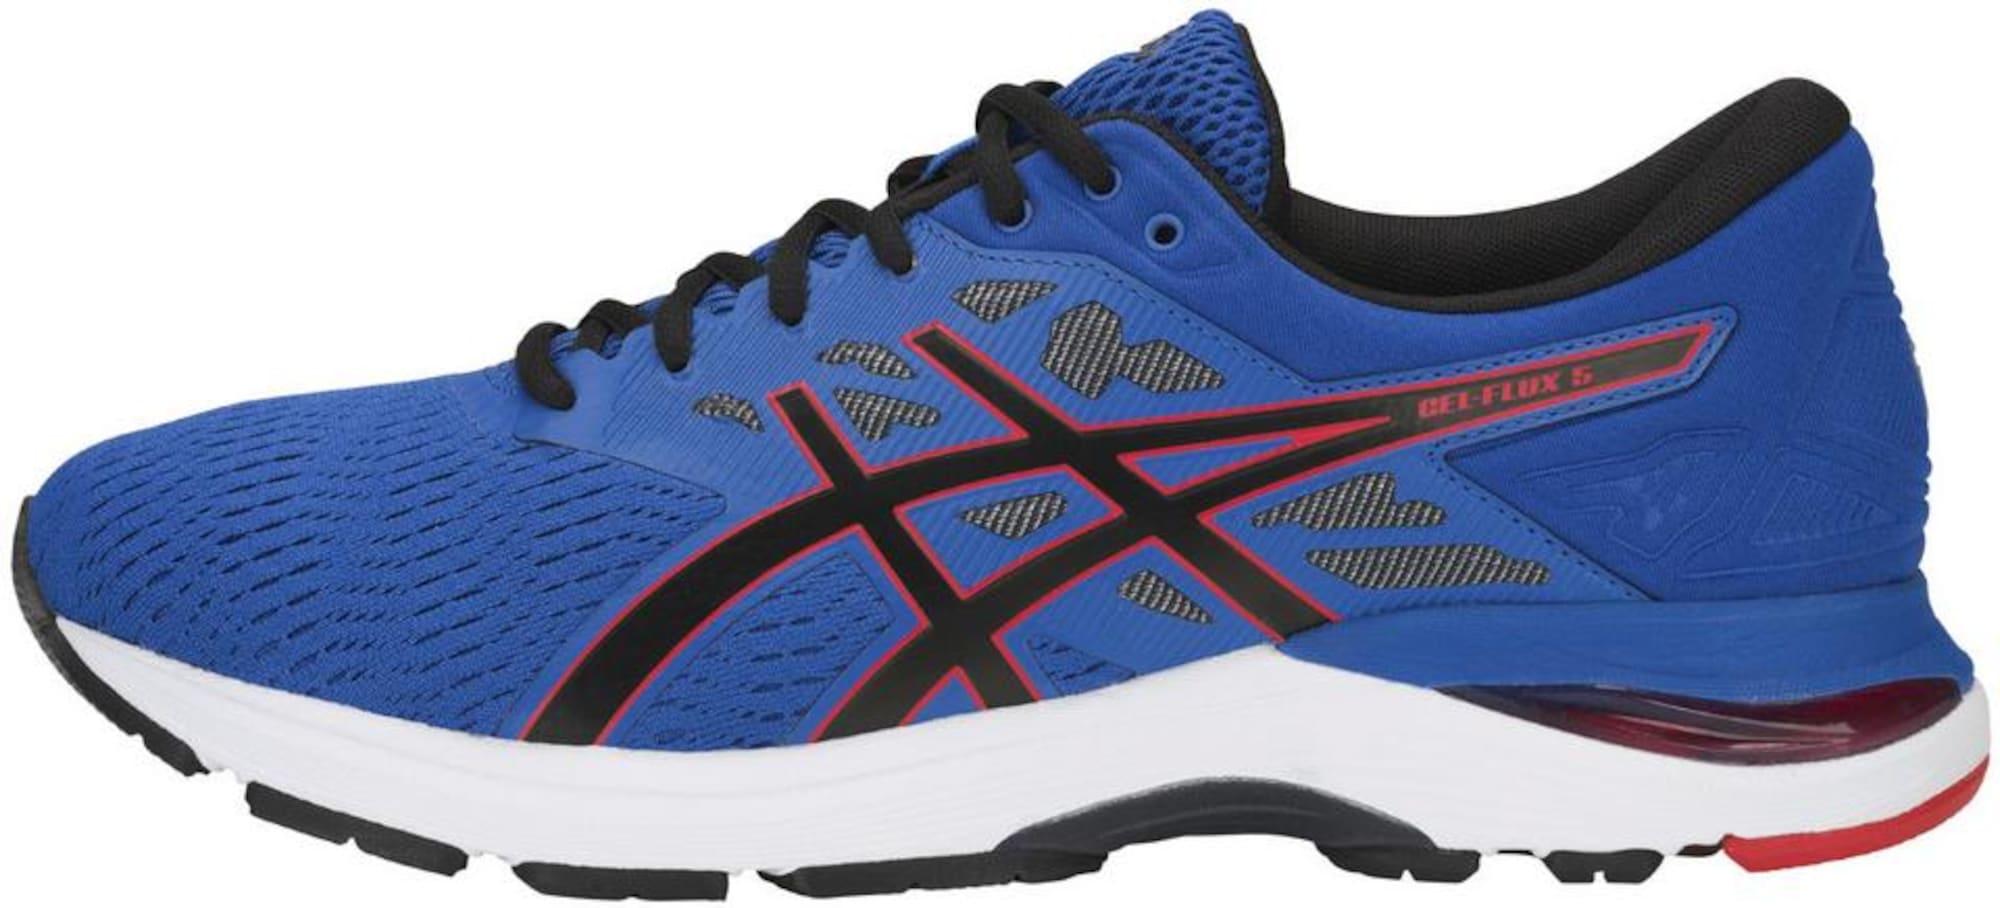 Laufschuh 'Gel- Flux 5' | Schuhe > Sportschuhe > Laufschuhe | ASICS